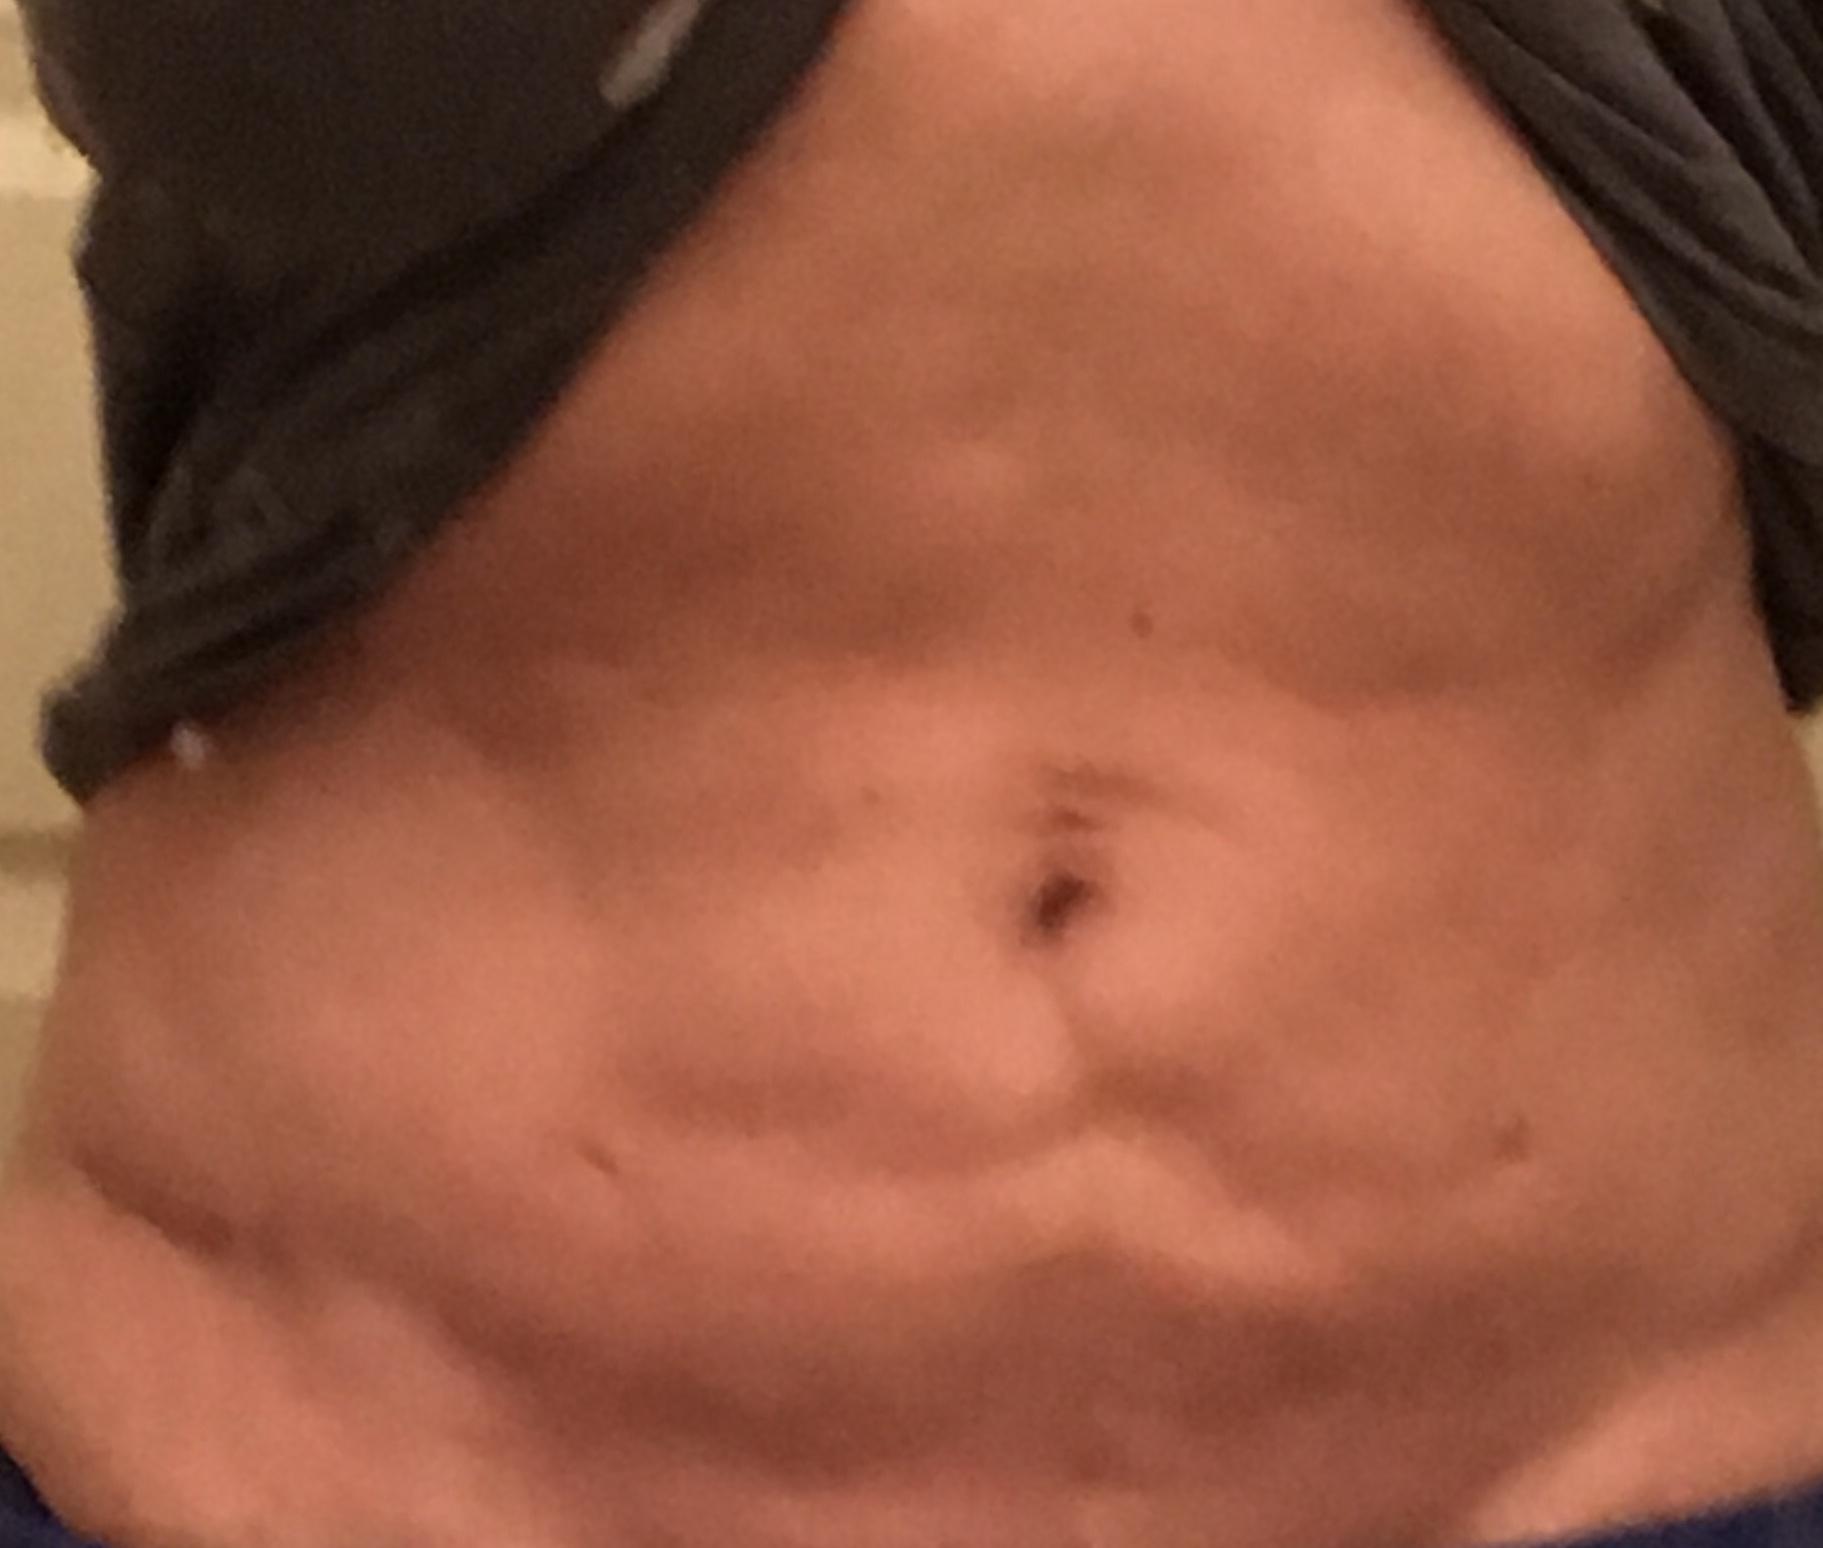 tummy folie pentru a pierde în greutate